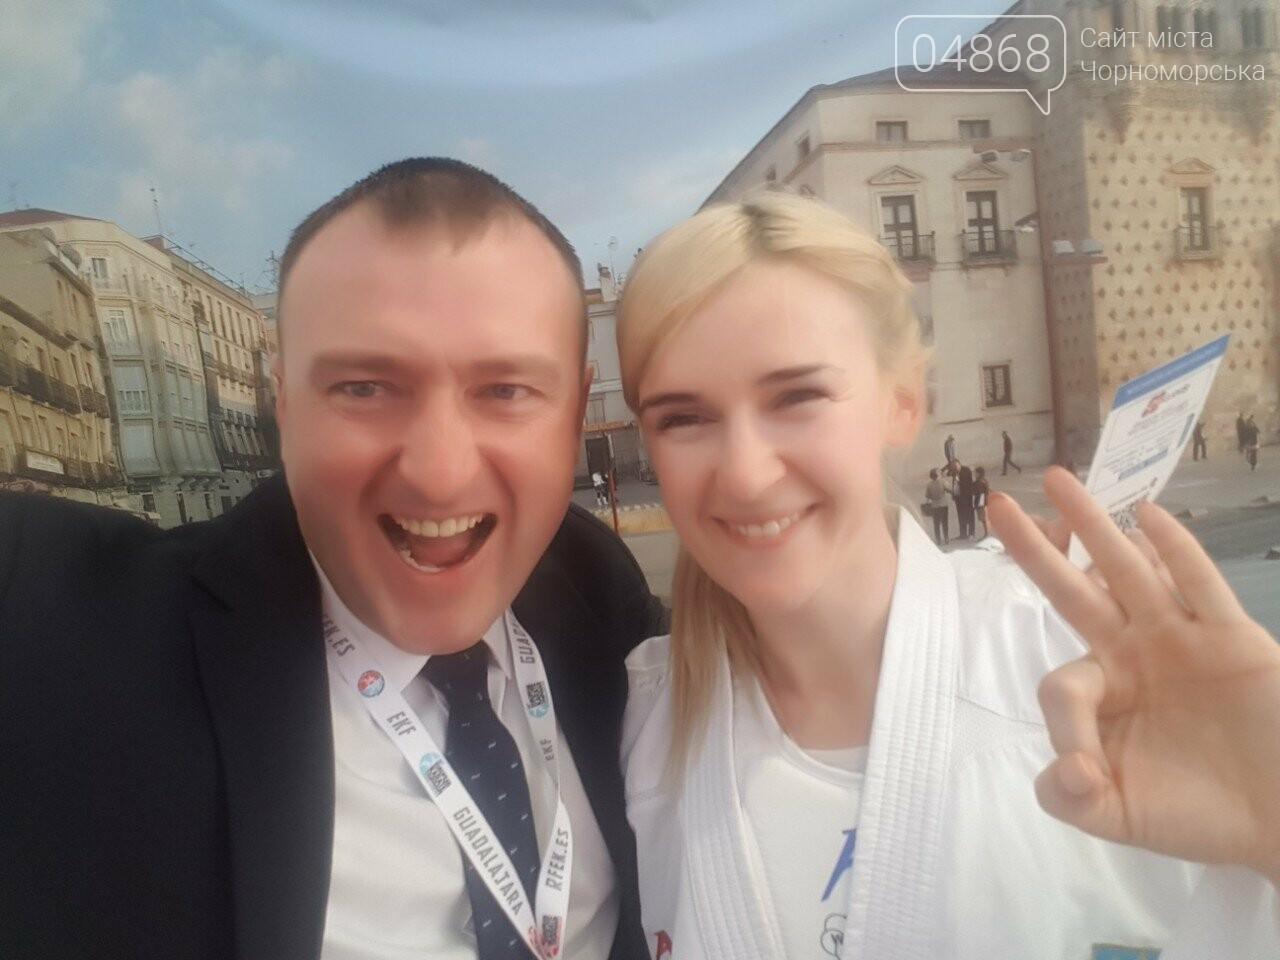 Сборная Украины по карате вышла в финал Чемпионата Европы, фото-2